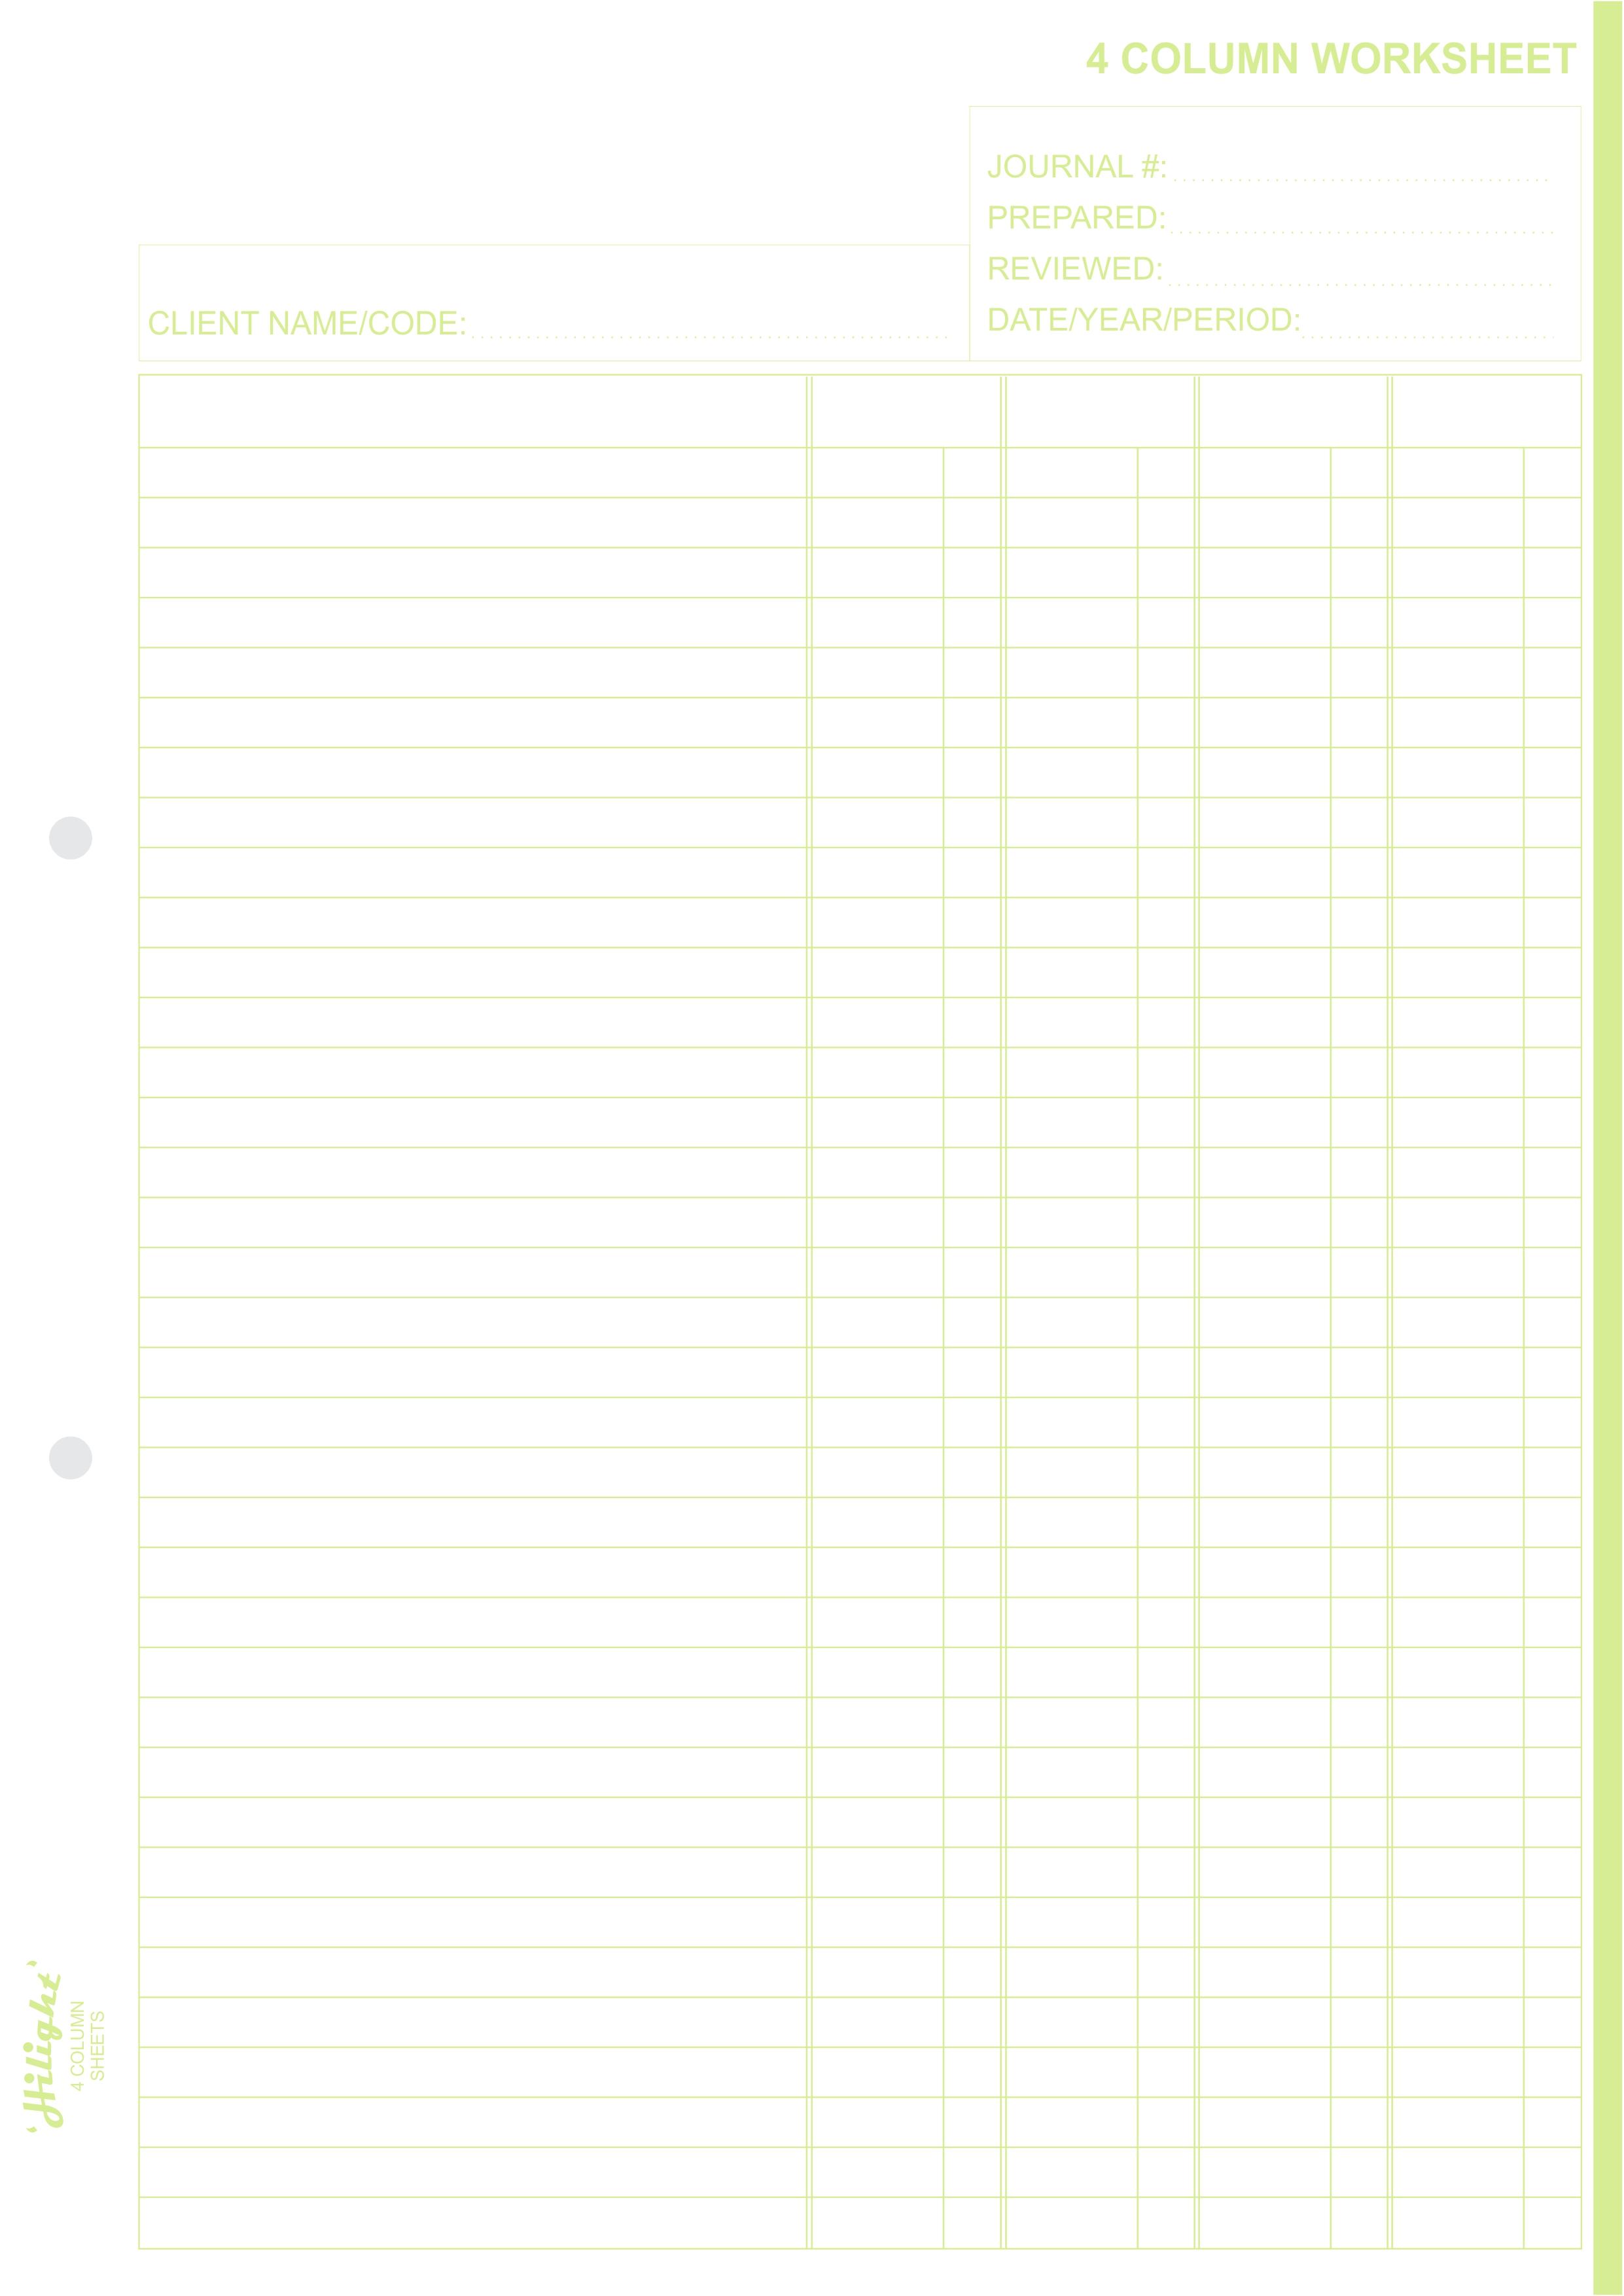 4 Column Work Sheet Pads